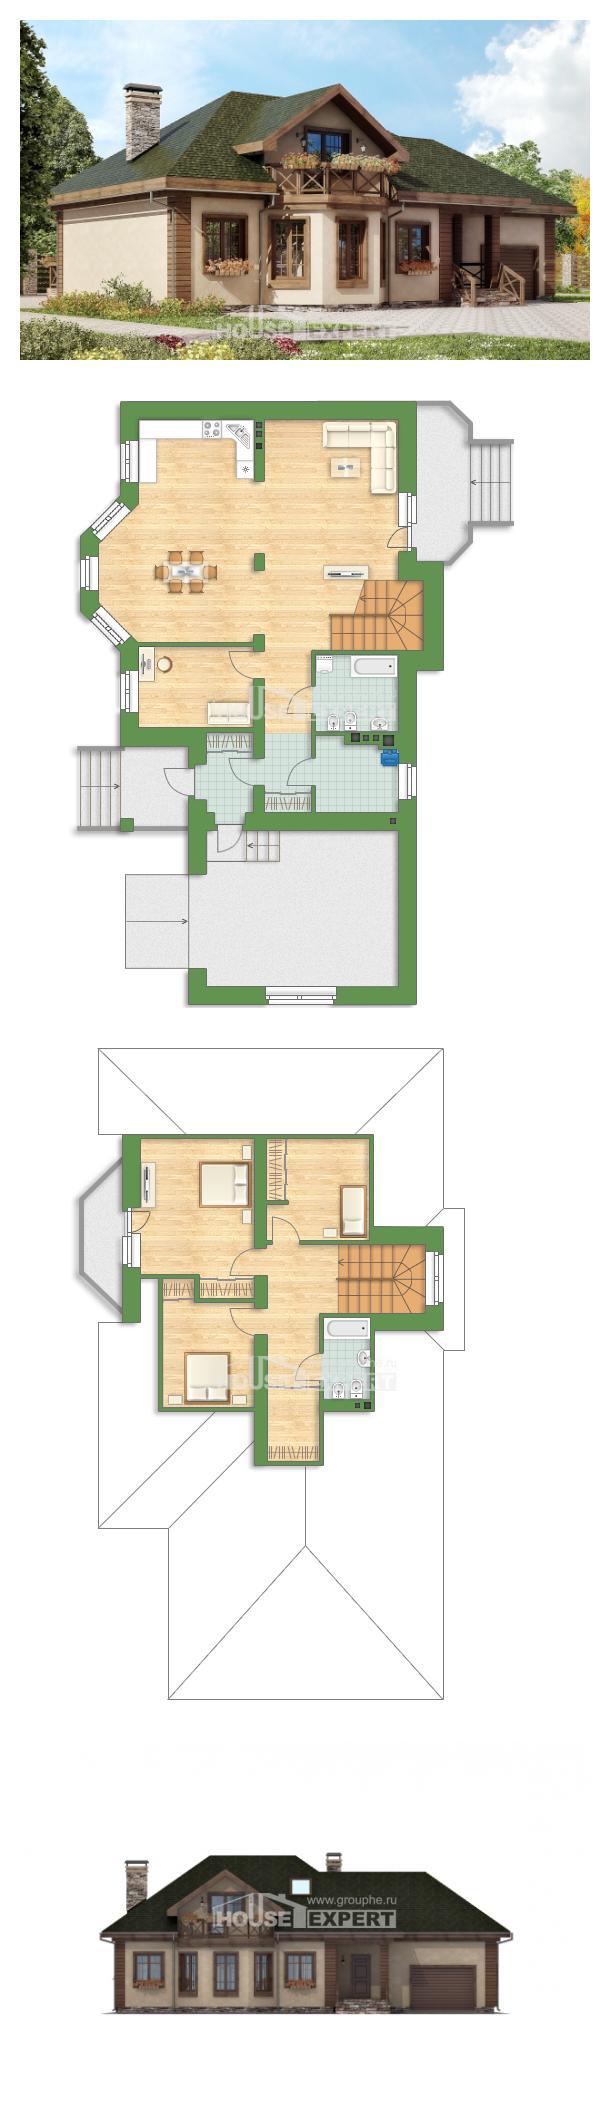 Proyecto de casa 180-010-R | House Expert